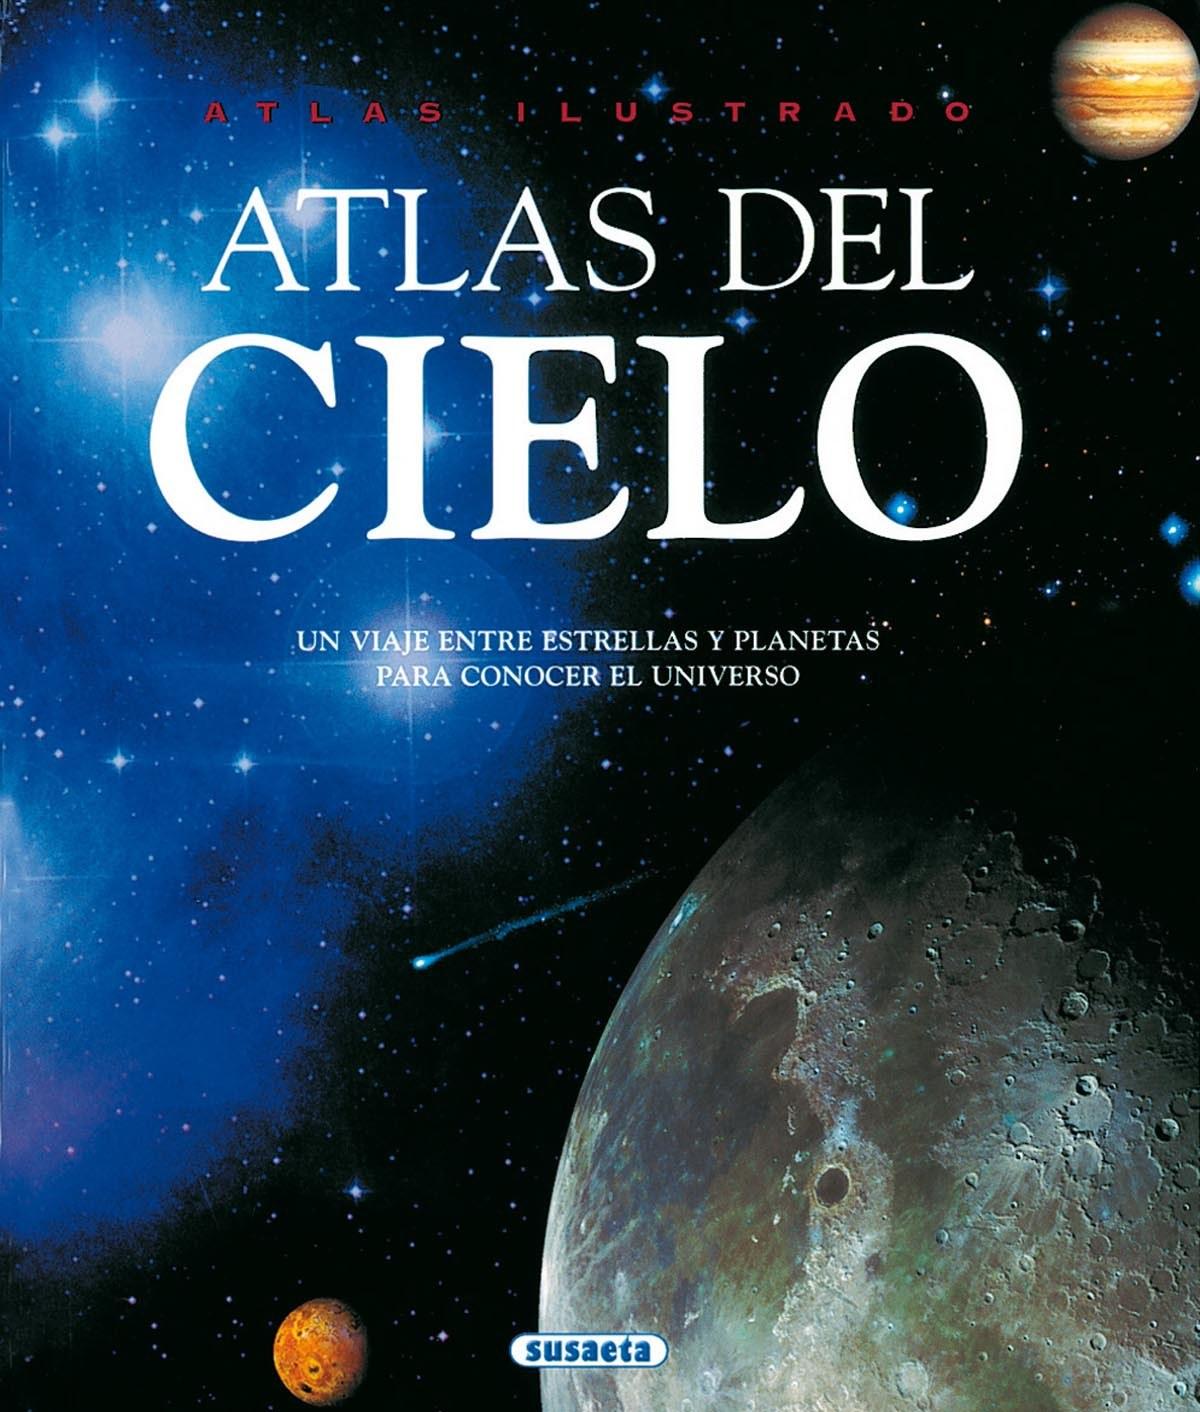 Atlas ilustrado atlas del cielo 9788430539246